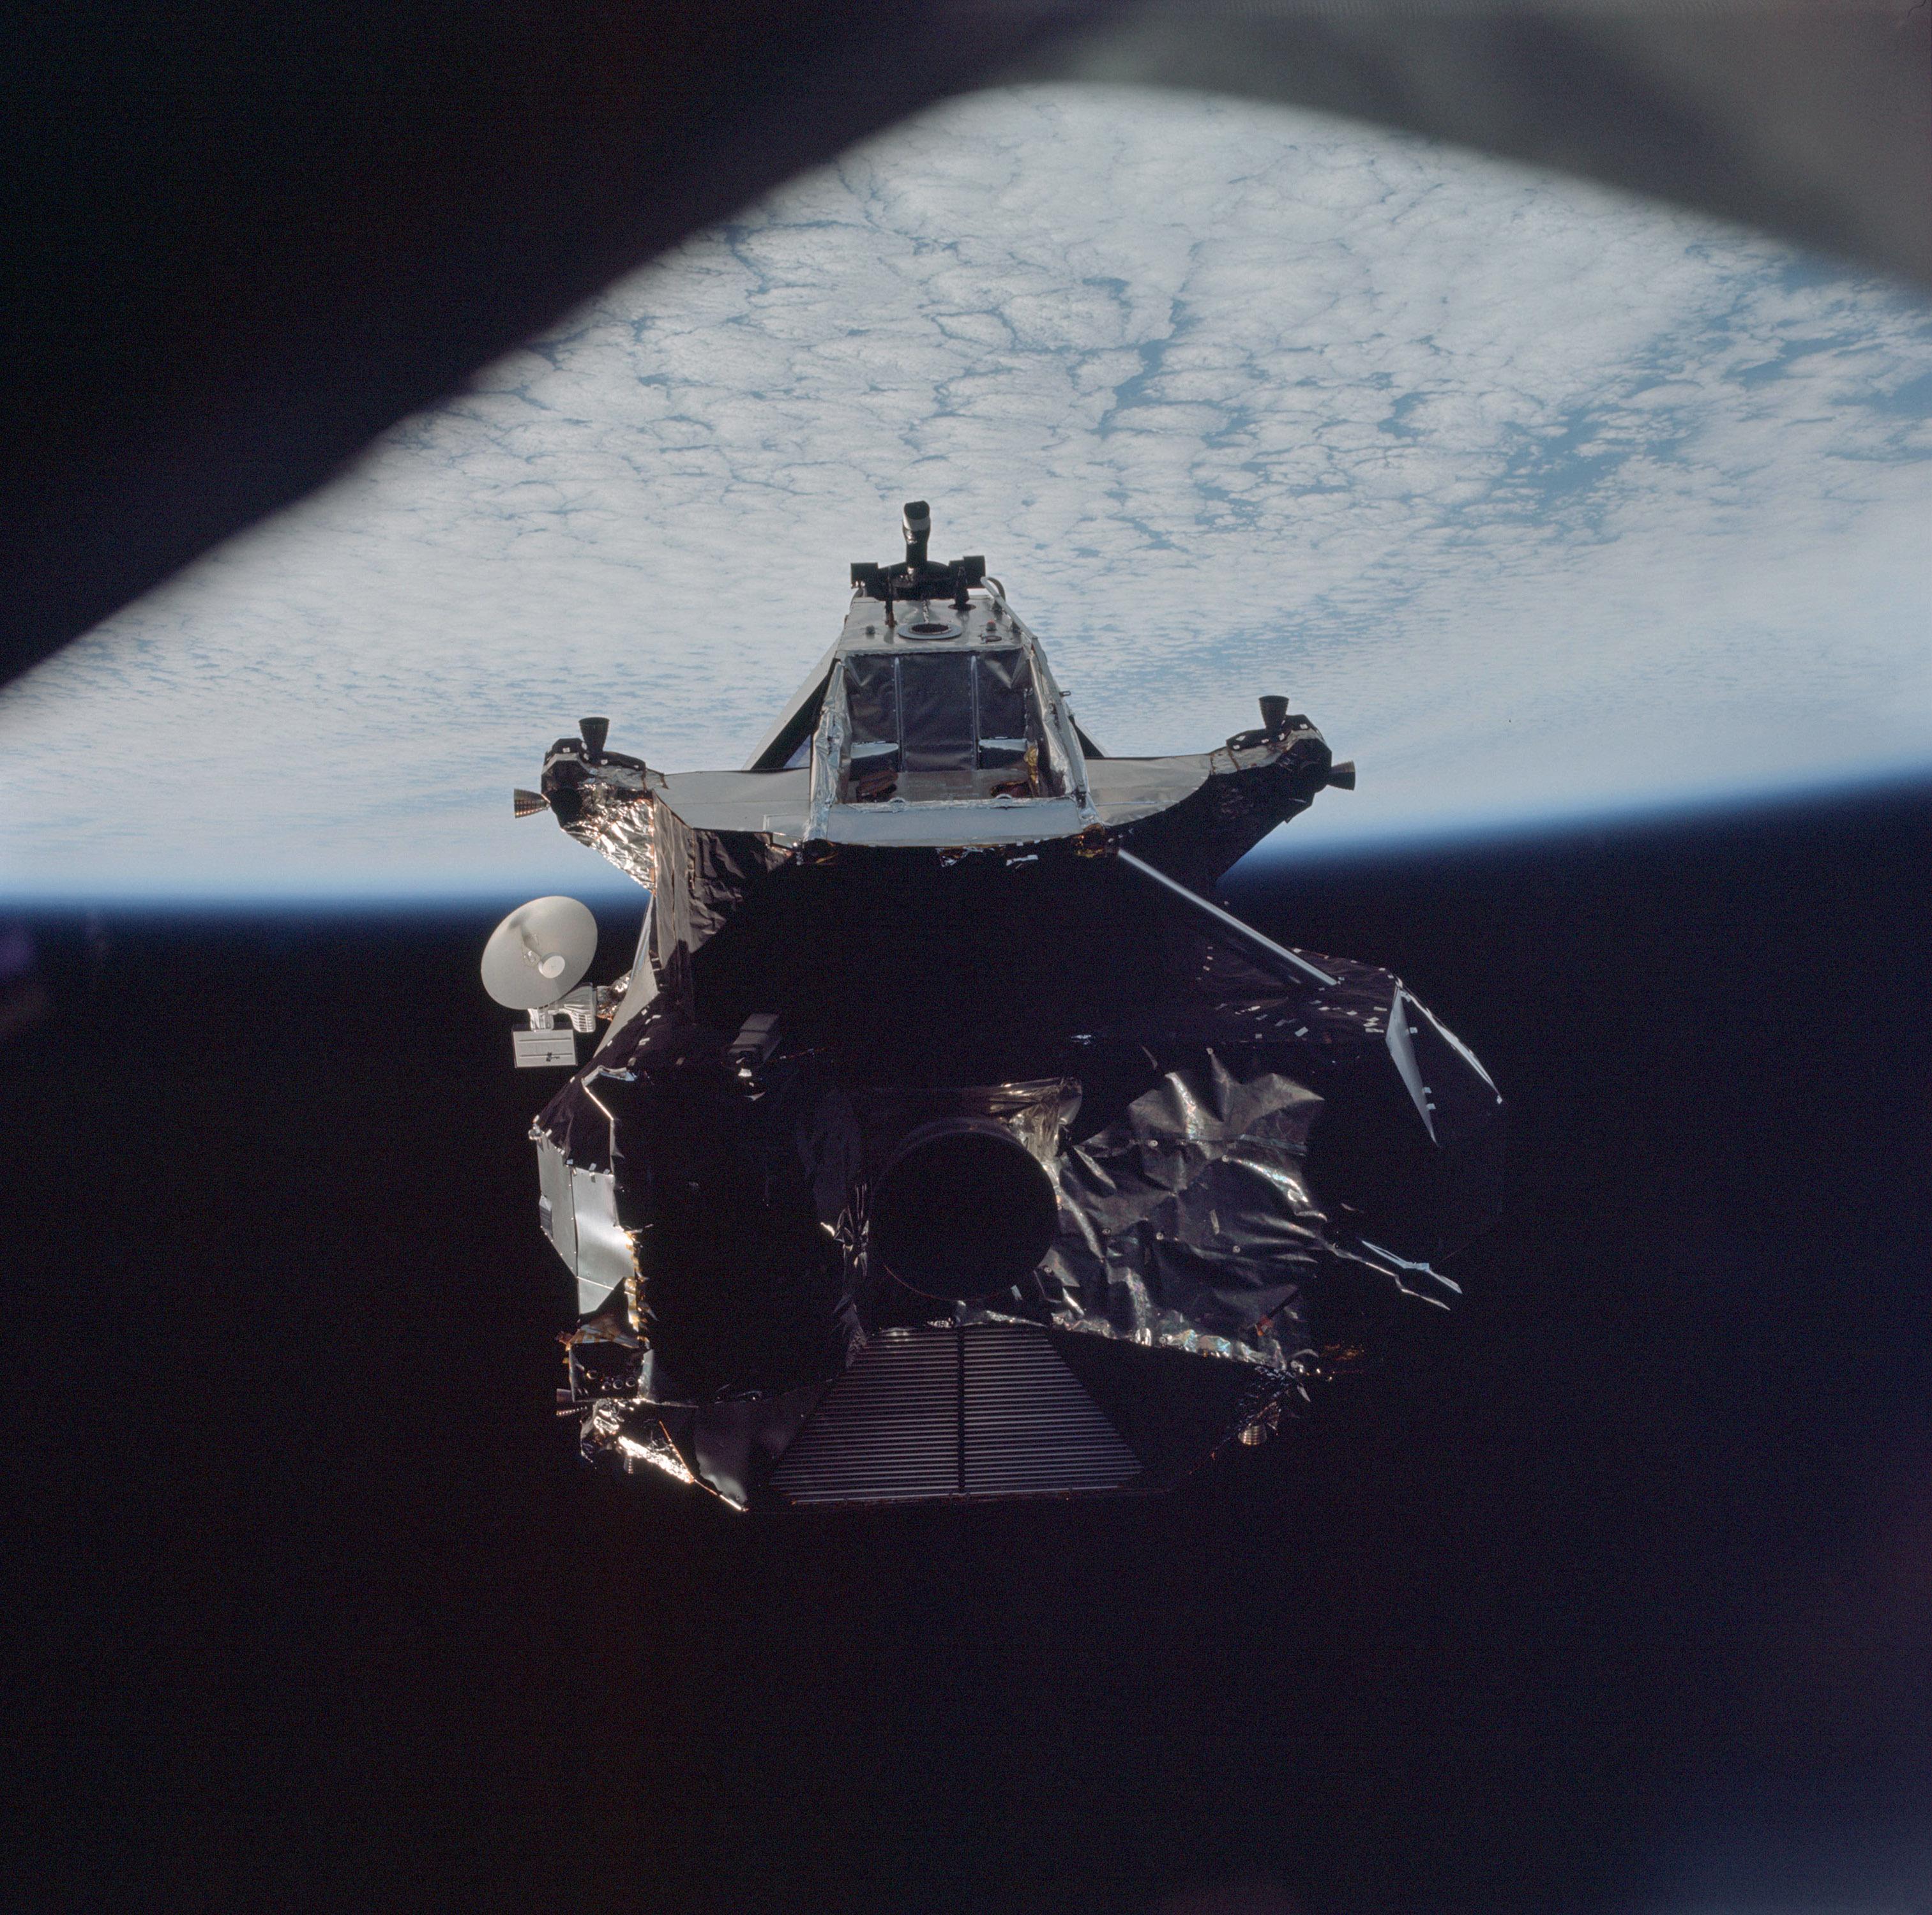 apollo spacecraft nasa - photo #49